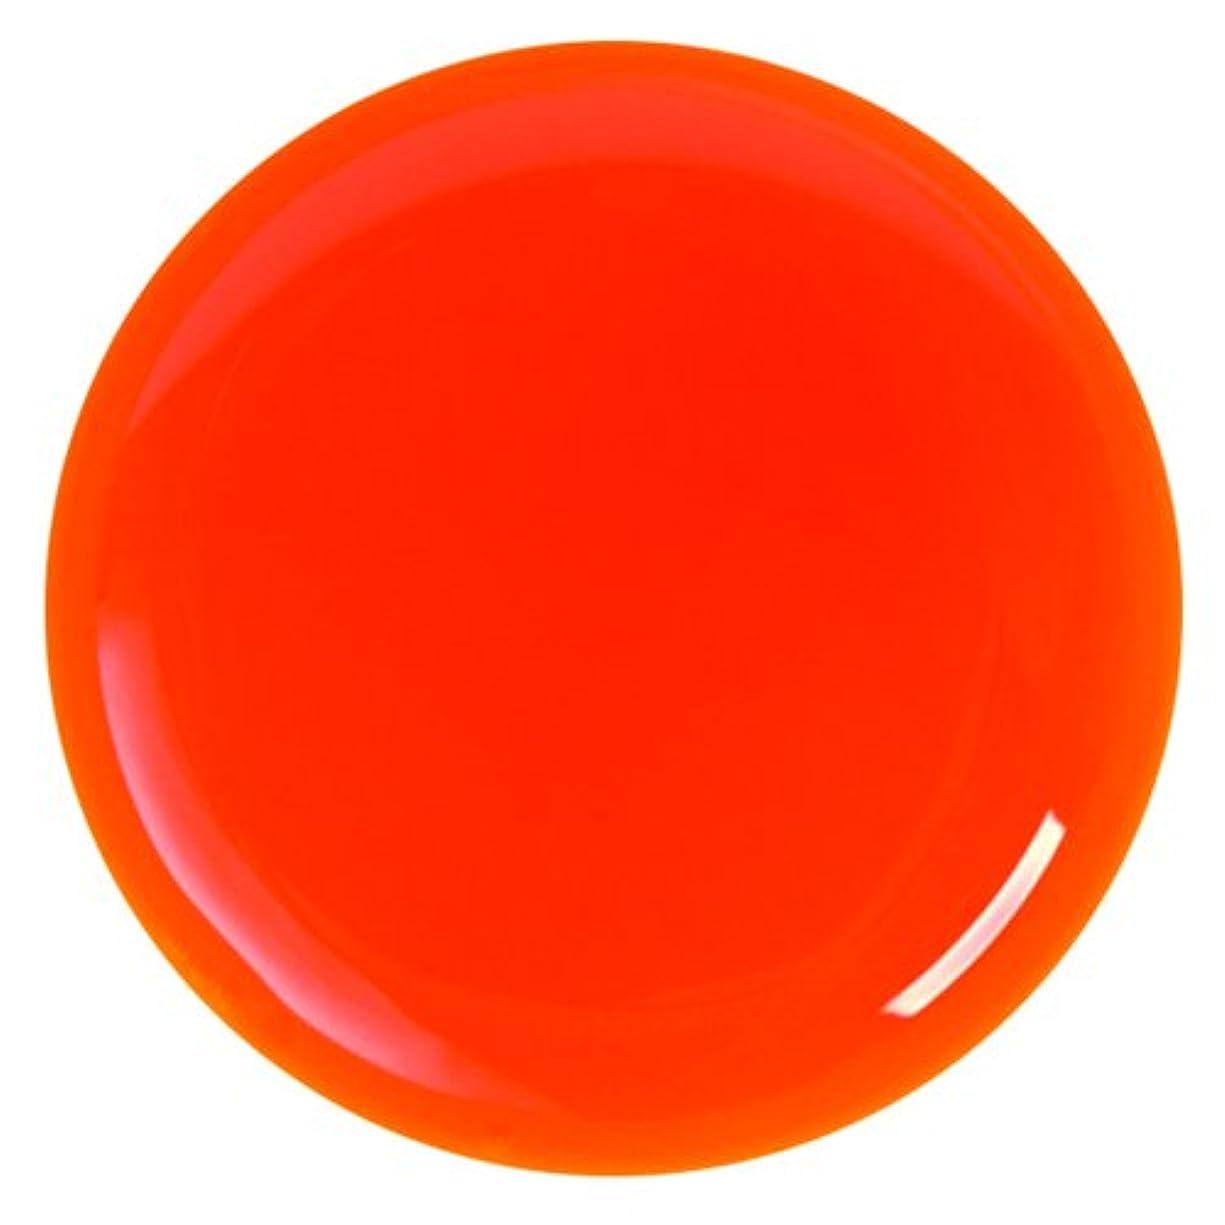 ペイント怠感ハイランドMY GEL(マイジェル) ソフトジェル バレンシアオレンジ 4g 【マット】 発色が良くリフトしにくい!